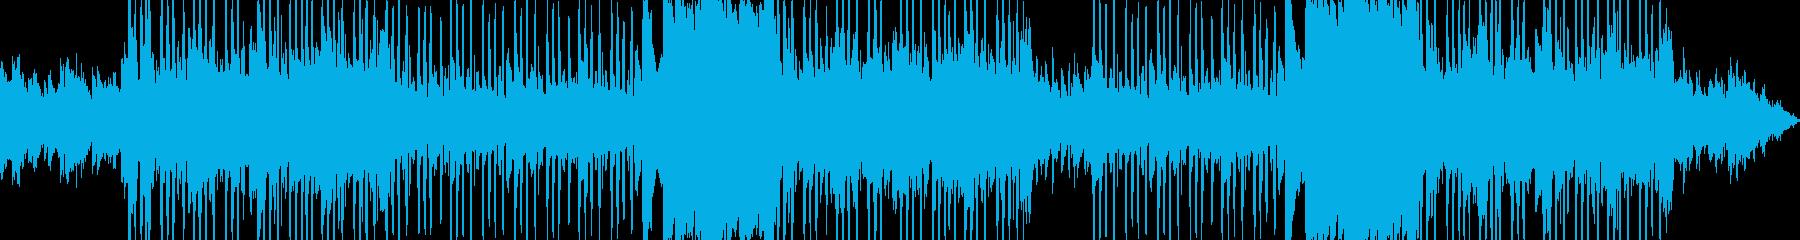 切ないメロディのブーンバップヒップホップの再生済みの波形